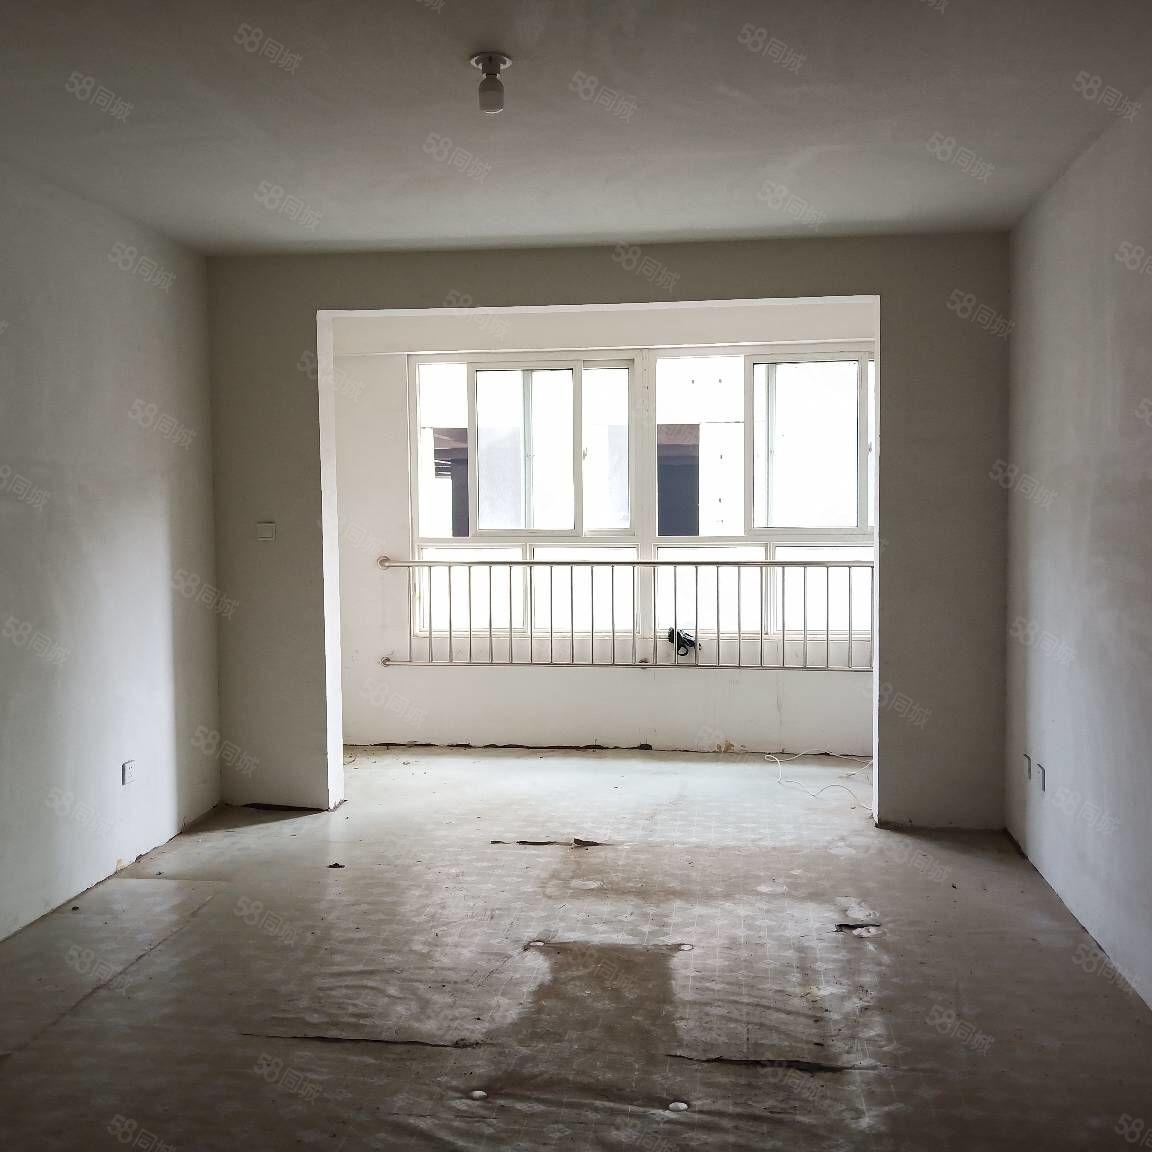 周楼佳苑3室,毛坯,7500平上房费已交,送储藏室,包更名